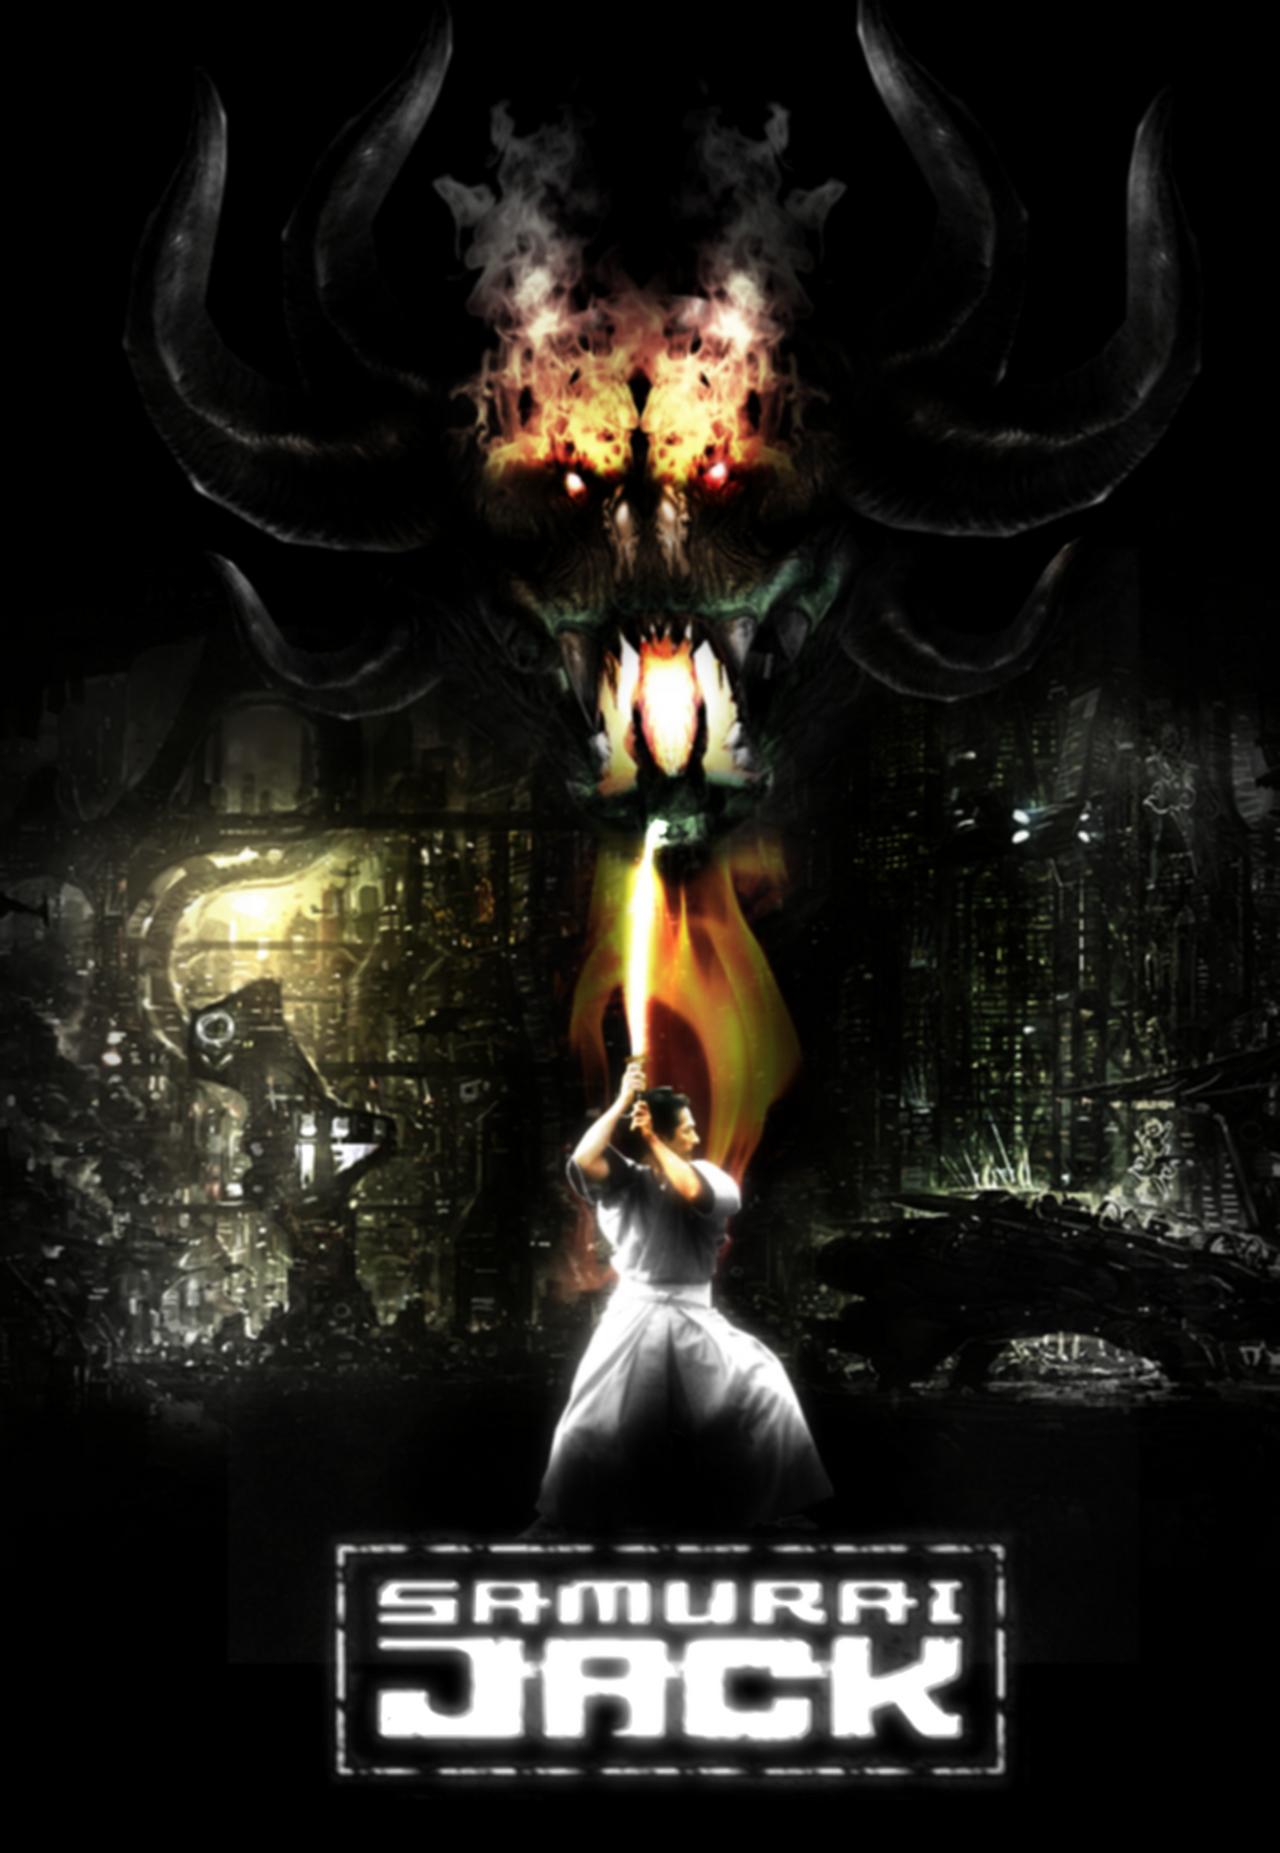 samurai jack movie poster by darthdestruktor on deviantart